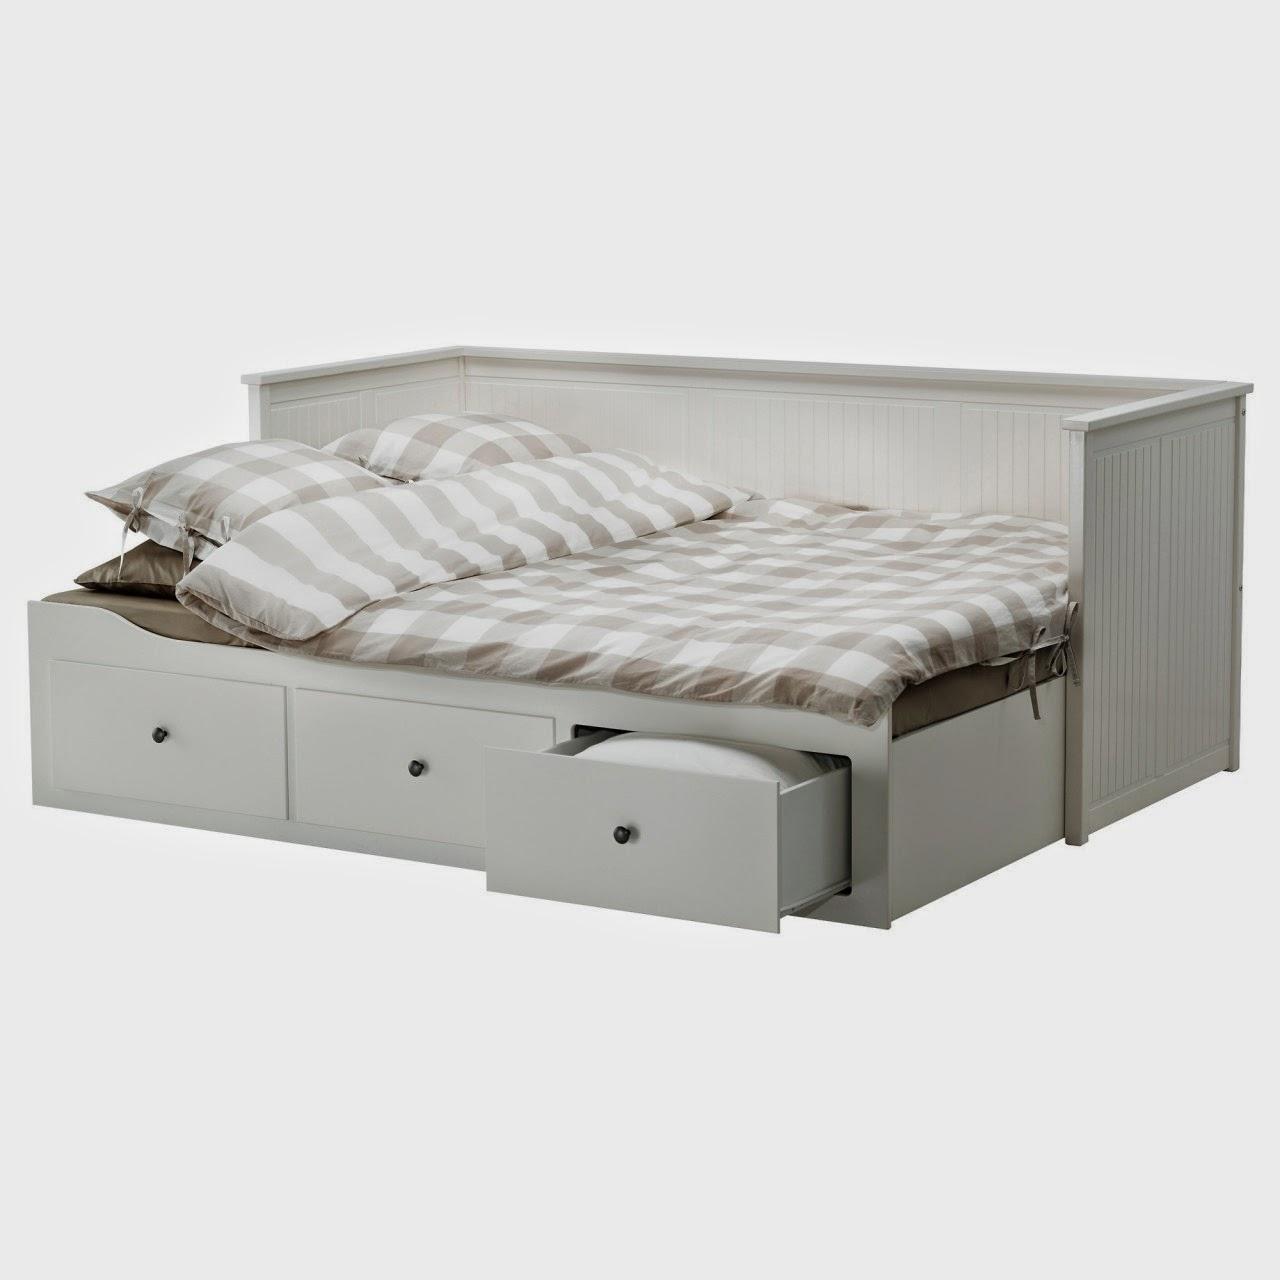 Bedroom Daybed Ideas Hemnes Room Ikea Design Digsdigs